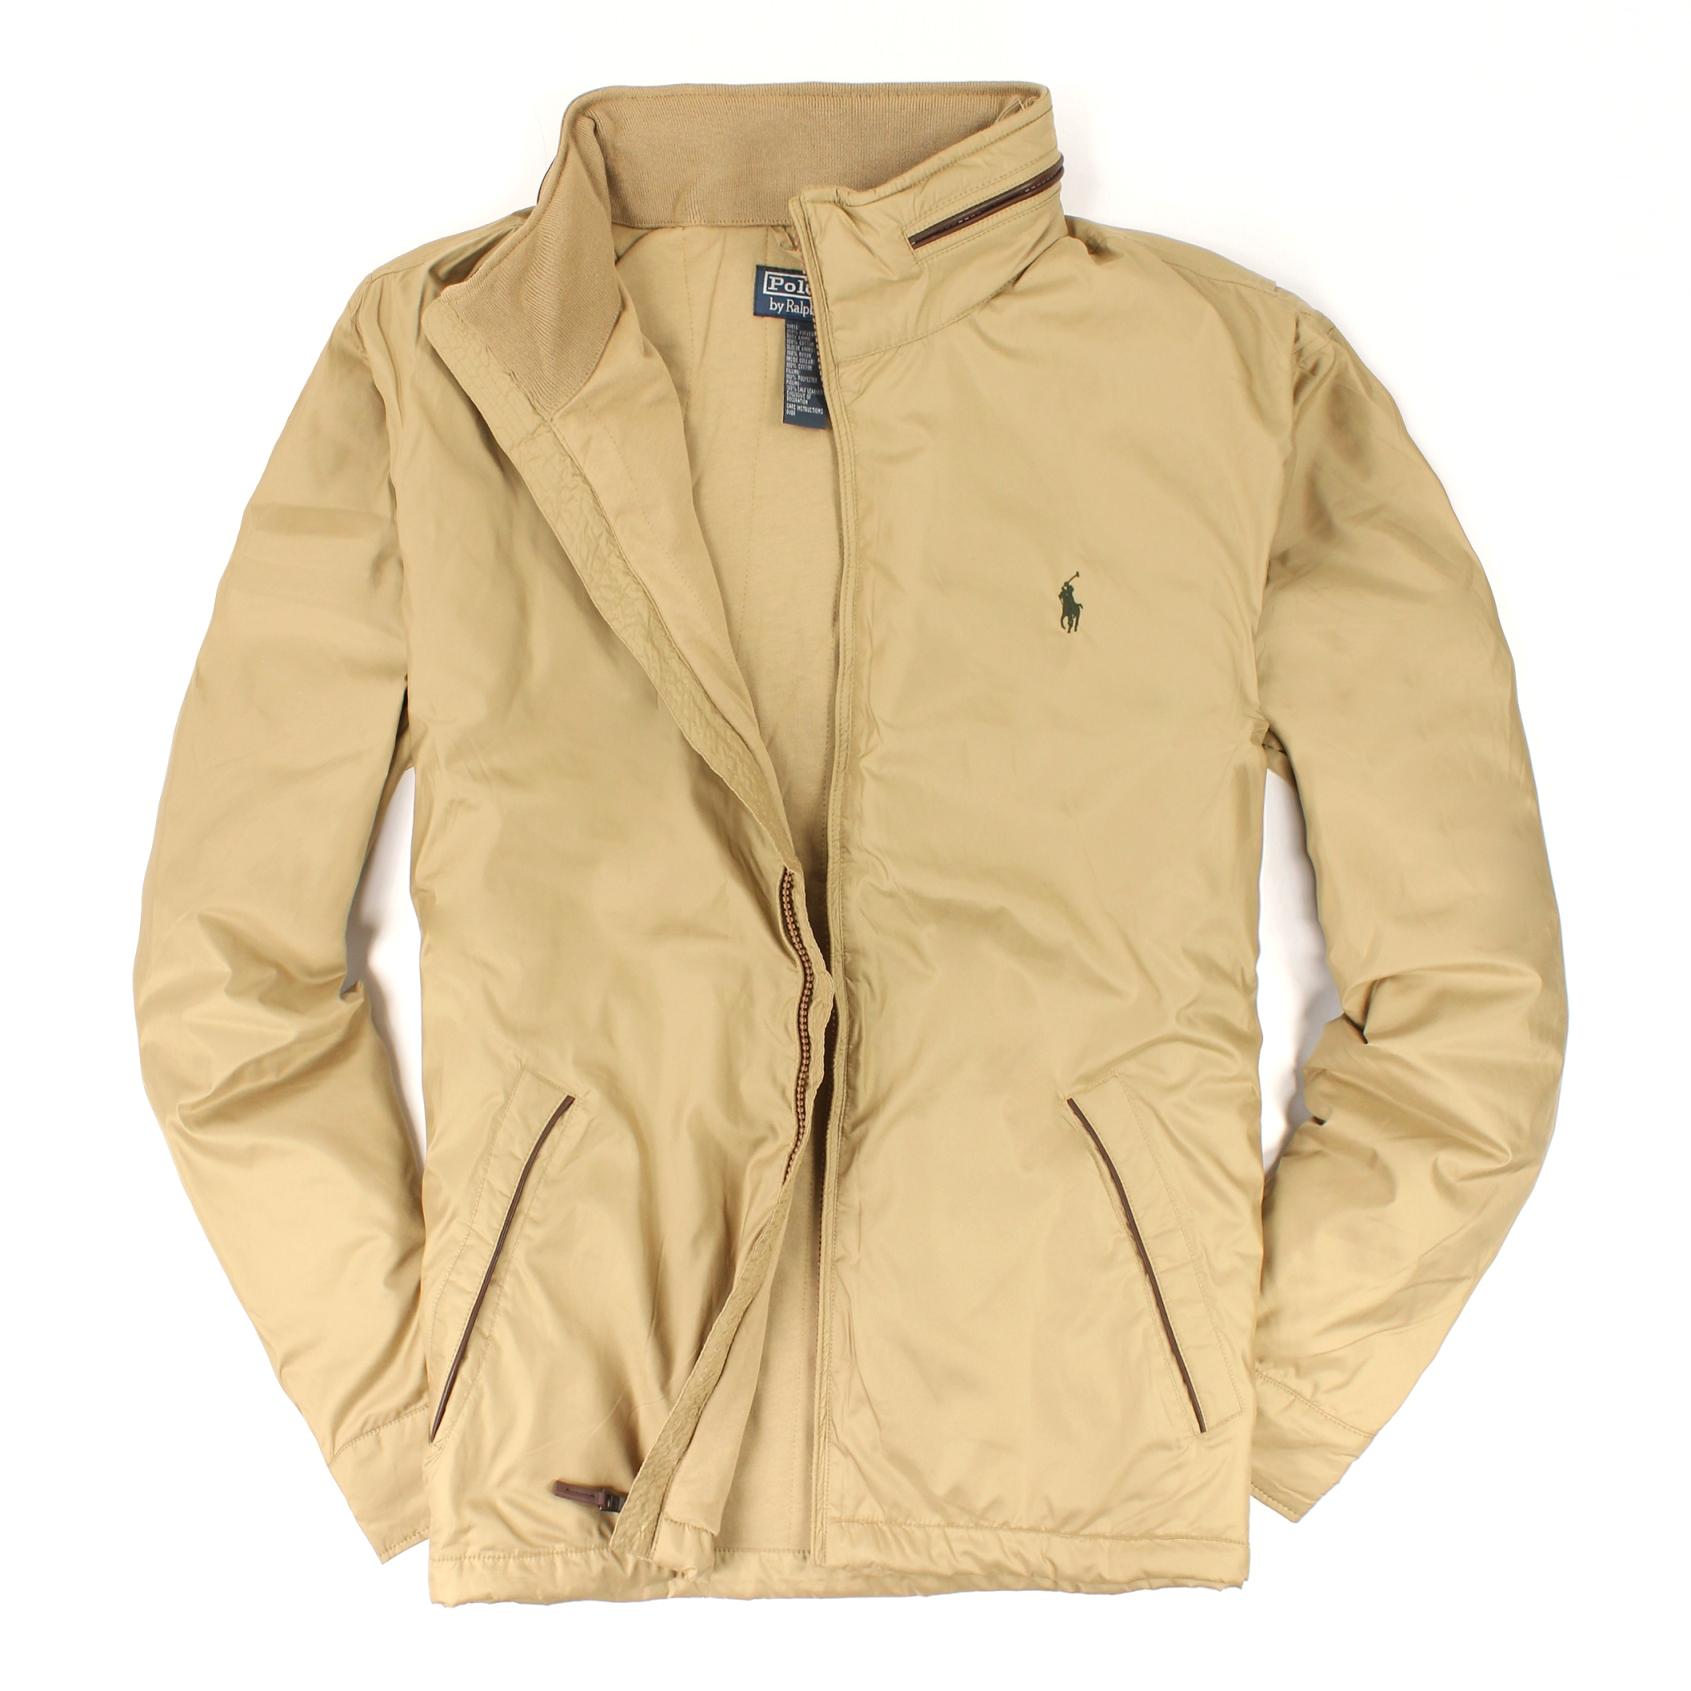 美國百分百【全新真品】Ralph Lauren 外套 RL 連帽 夾克 上衣 Polo 小馬 卡其 皮革 鋪棉 大尺 男 XL B595